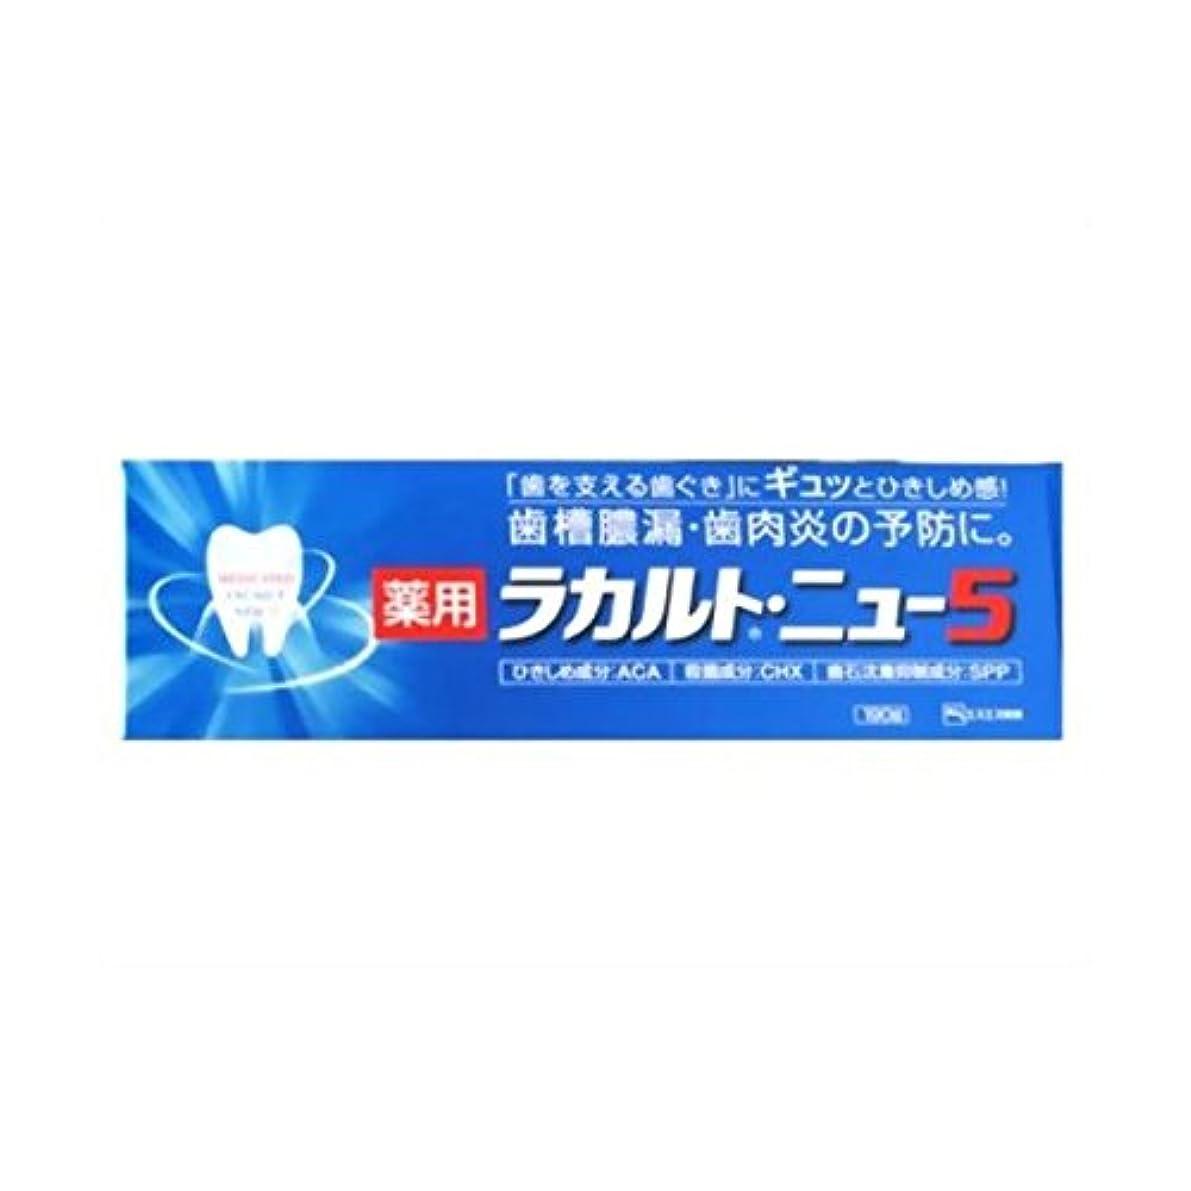 里親二度修理工【お徳用 3 セット】 薬用ラカルトニュー5 190g×3セット